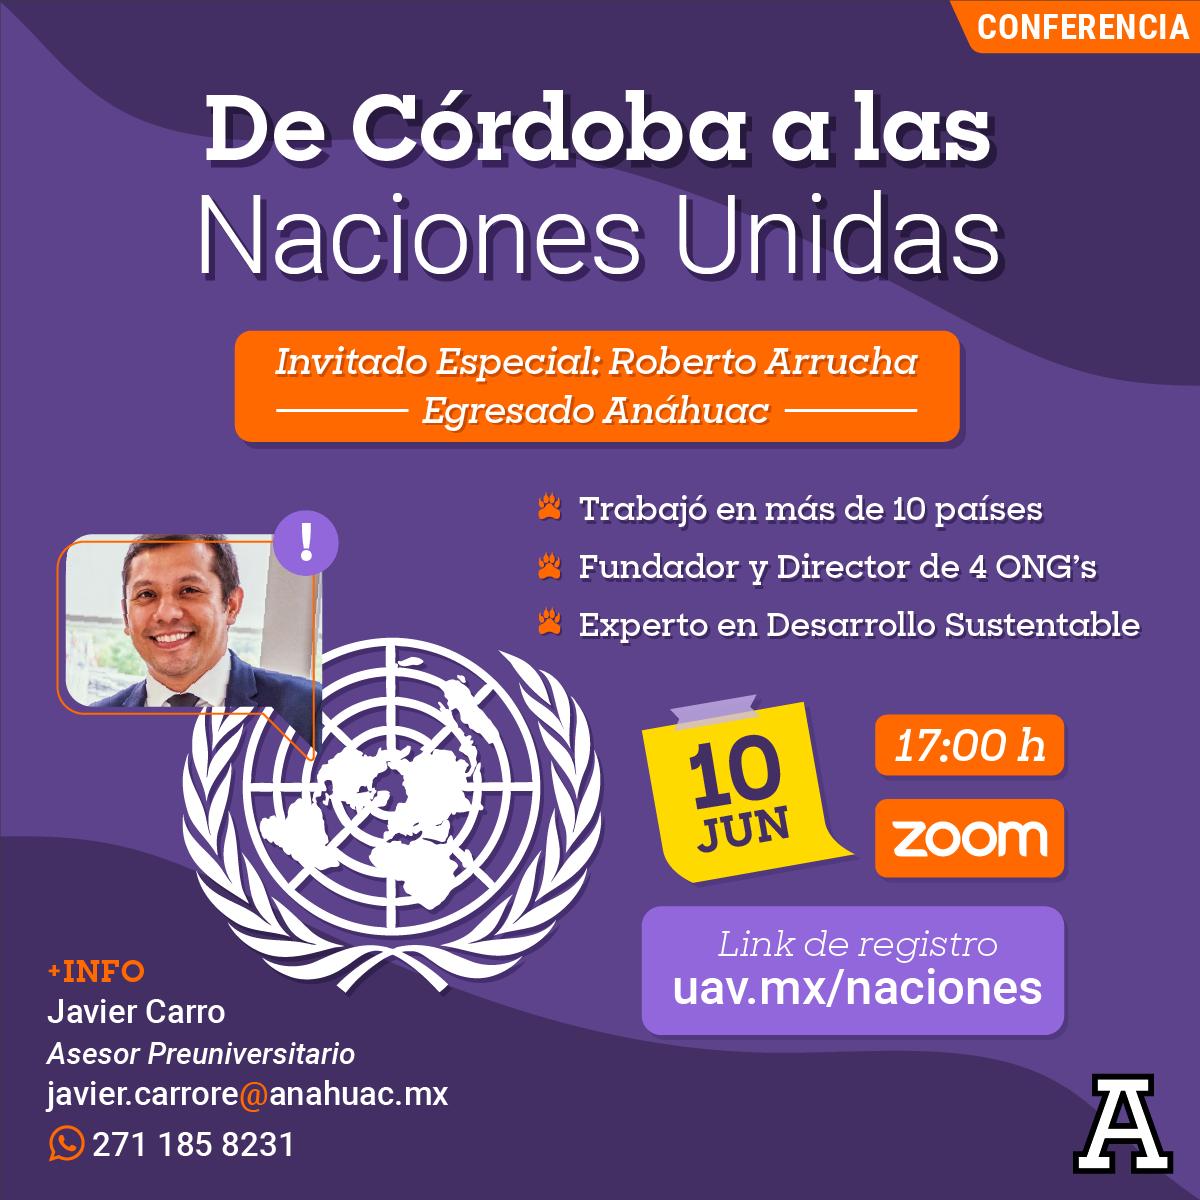 De Córdoba a las Naciones Unidas